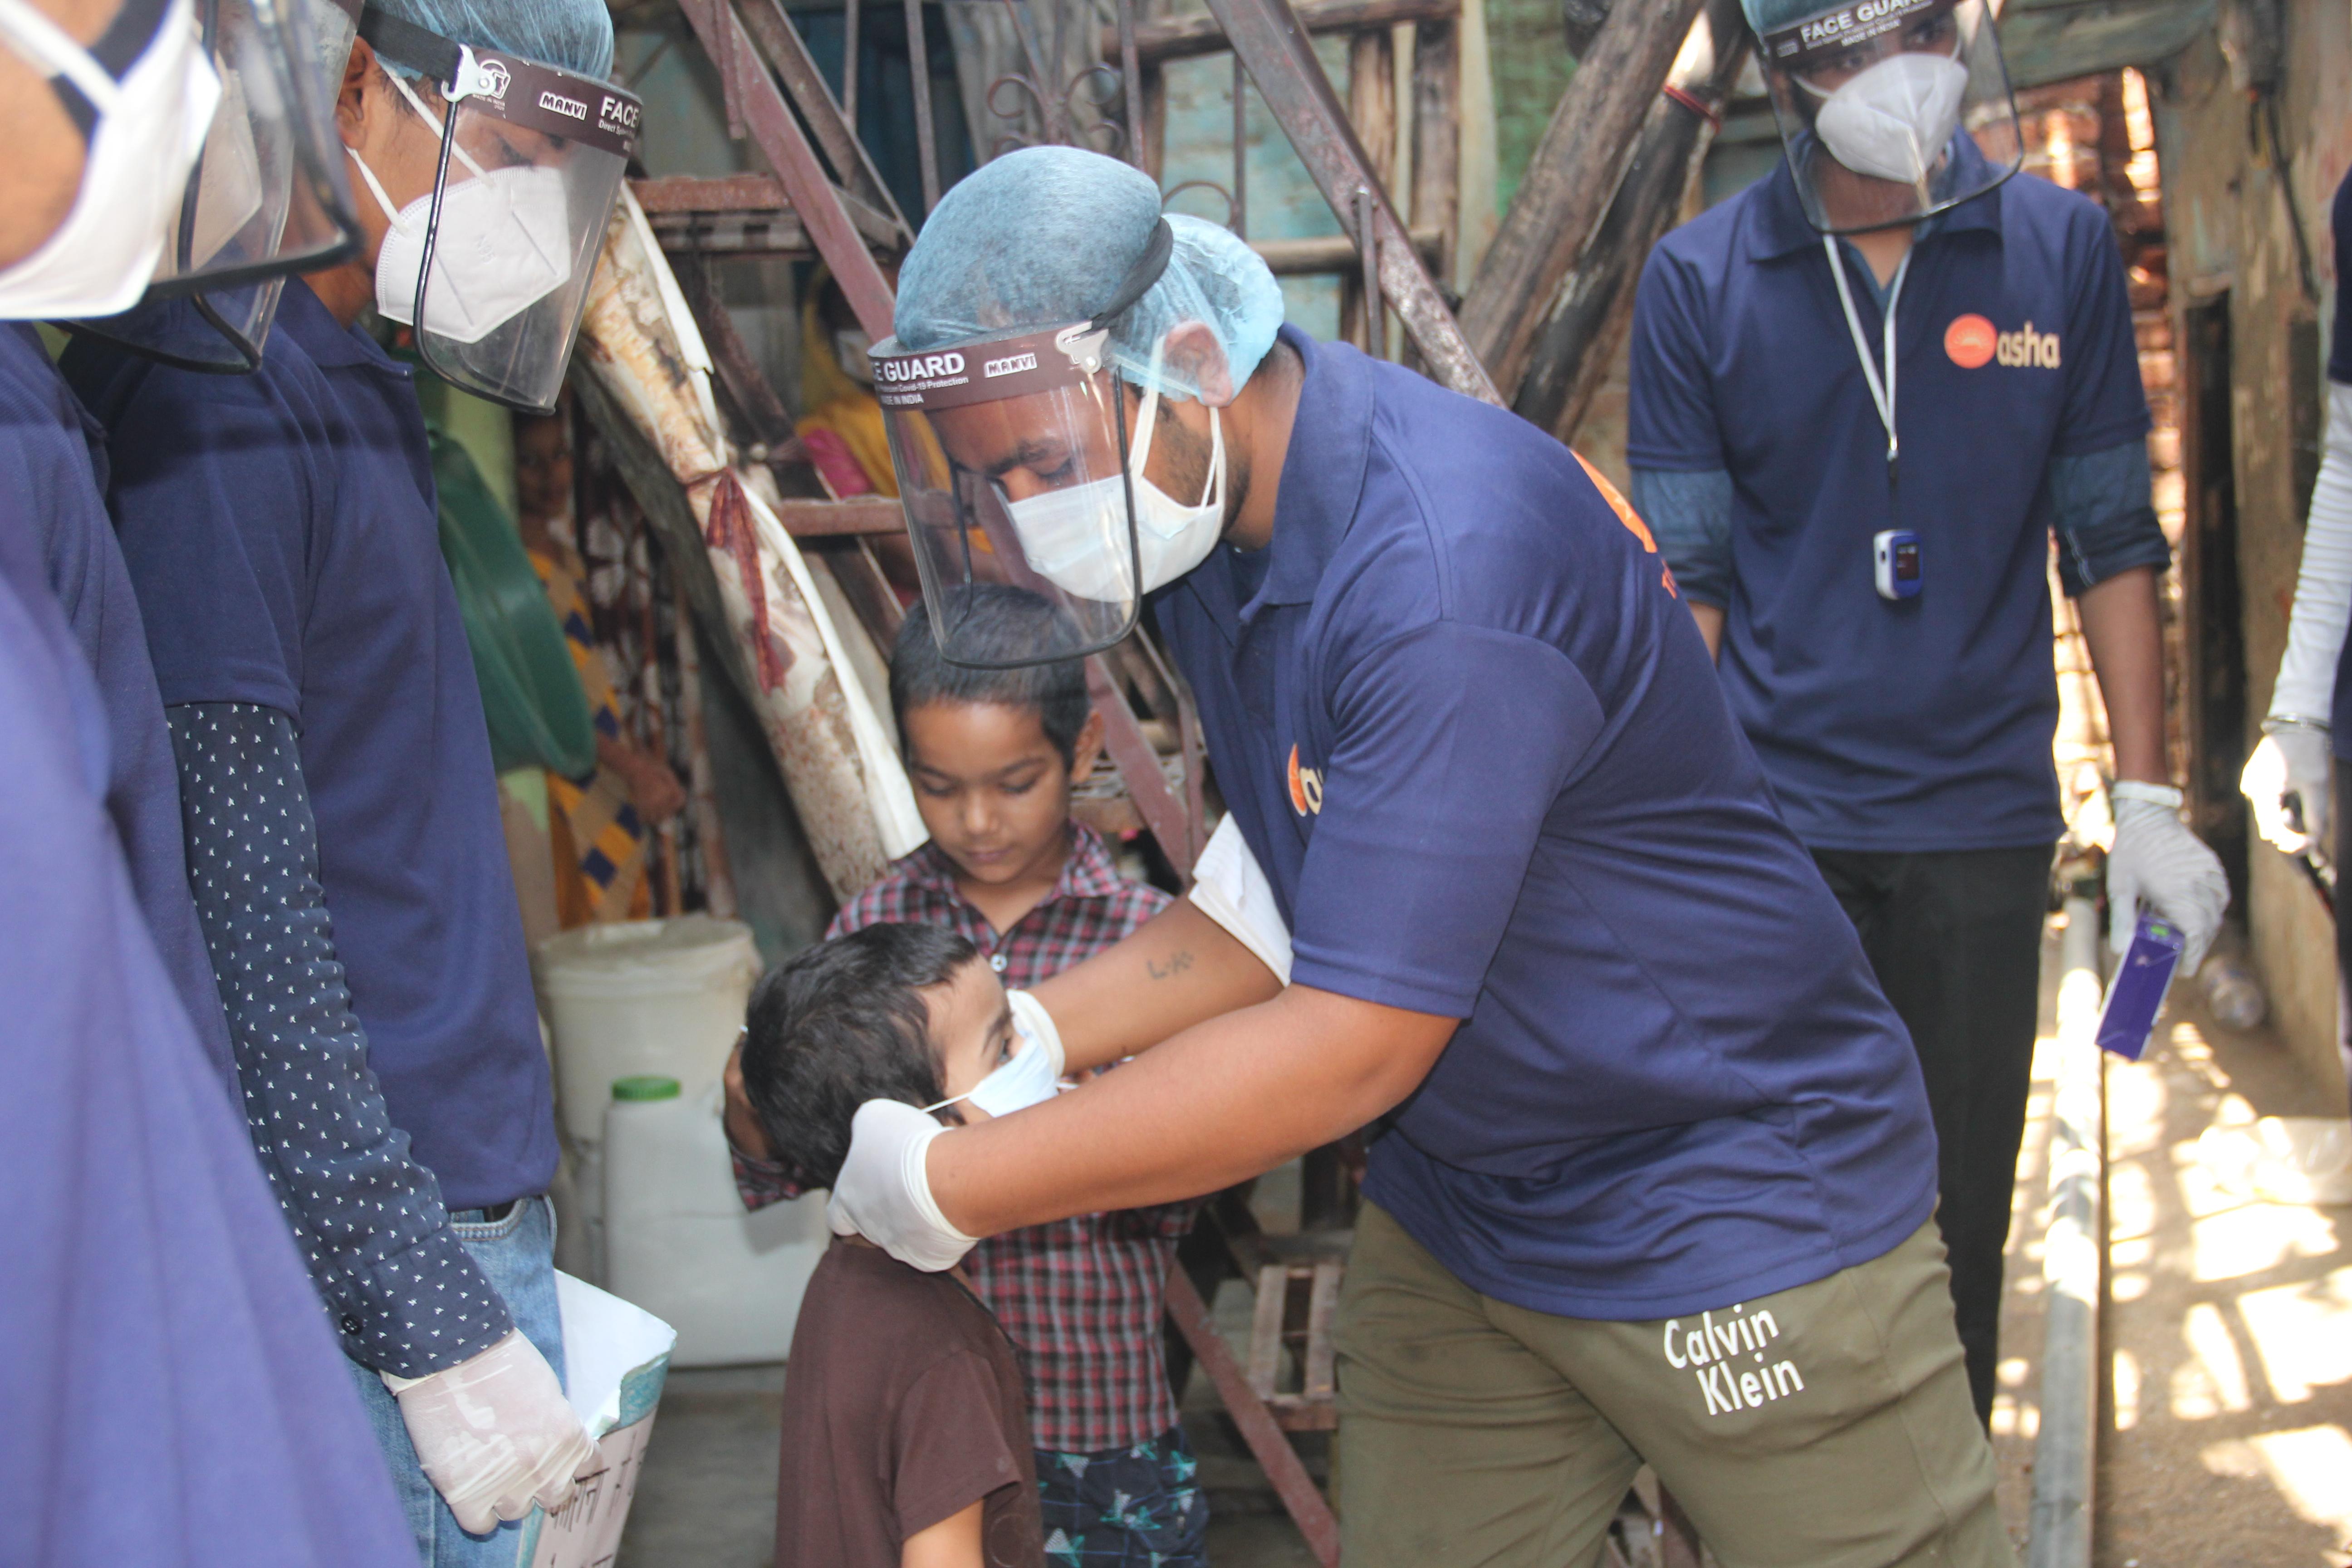 Guerreiro Asha coloca uma máscara em um garoto na favela